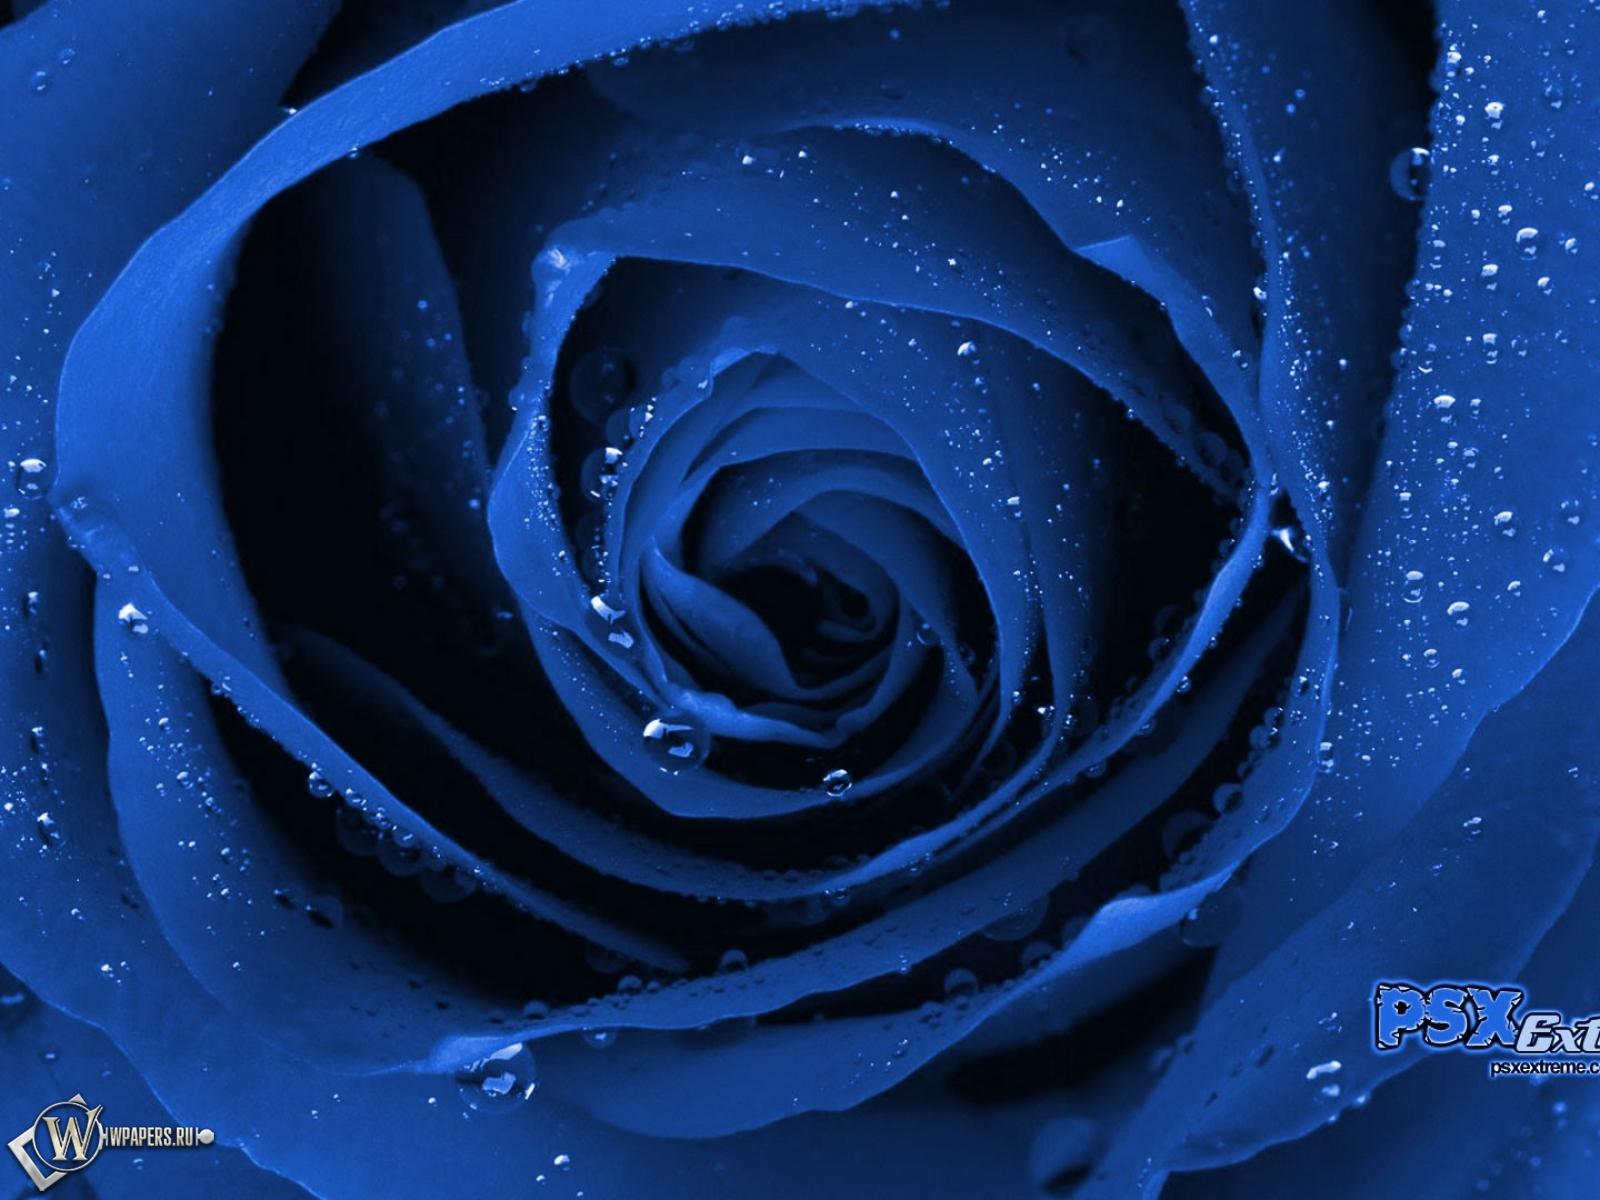 цветок роза картинка: